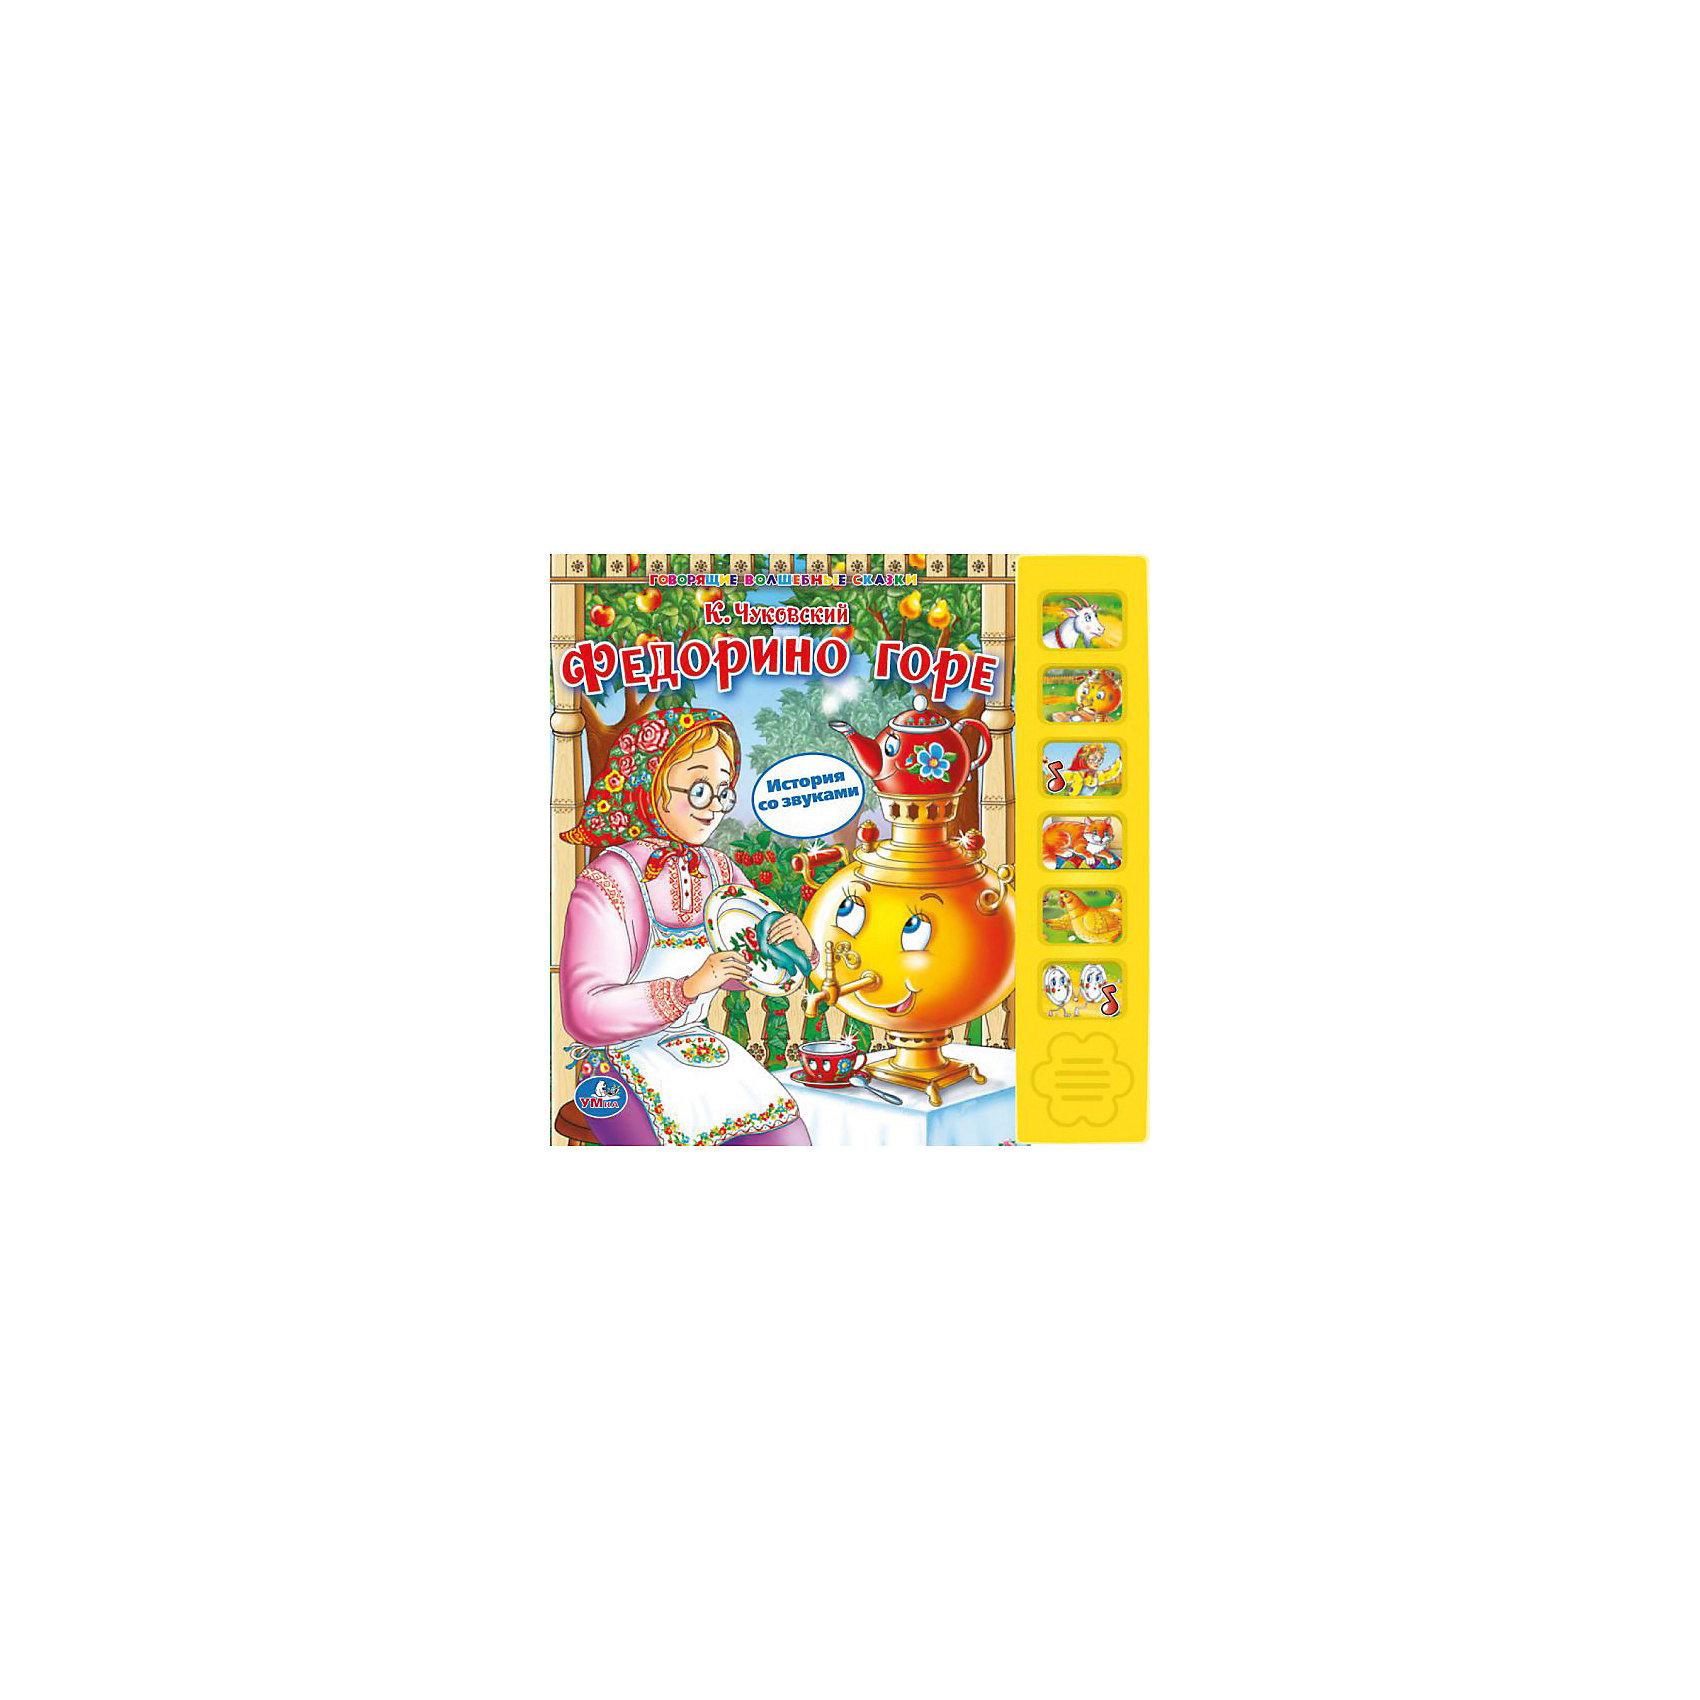 Книга со звуком Федорино гореМузыкальные книги<br>Характеристики товара:<br><br>• размер: 23x22 см<br>• материал: картон<br>• страниц: 12<br>• возраст: от года<br>• 10 звуковых кнопок<br>• цветные иллюстрации<br>• страна бренда: РФ<br>• страна изготовитель: РФ<br><br>Сказки и стихи не только развлекают малышей, они помогают учиться и познавать мир! Такая книжка станет отличным подарком ребенку и родителям - ведь с помощью неё можно слушать персонажей, прививать любовь к чтению, а также рассматривать картинки. Формат - очень удобный, качество печати - отличное! Книжка дополнена яркими картинками. Книжки со звуком особенно нравятся малышам.<br>Чтение даже в юном возрасте помогает детям развивать важные навыки и способности, оно активизирует мышление, формирует усидчивость, логику и воображение. Изделие производится из качественных и проверенных материалов, которые безопасны для детей.<br><br>Книжку со звуком Федорино горе от бренда Умка можно купить в нашем интернет-магазине.<br><br>Ширина мм: 20<br>Глубина мм: 220<br>Высота мм: 230<br>Вес г: 430<br>Возраст от месяцев: 36<br>Возраст до месяцев: 72<br>Пол: Унисекс<br>Возраст: Детский<br>SKU: 5196874